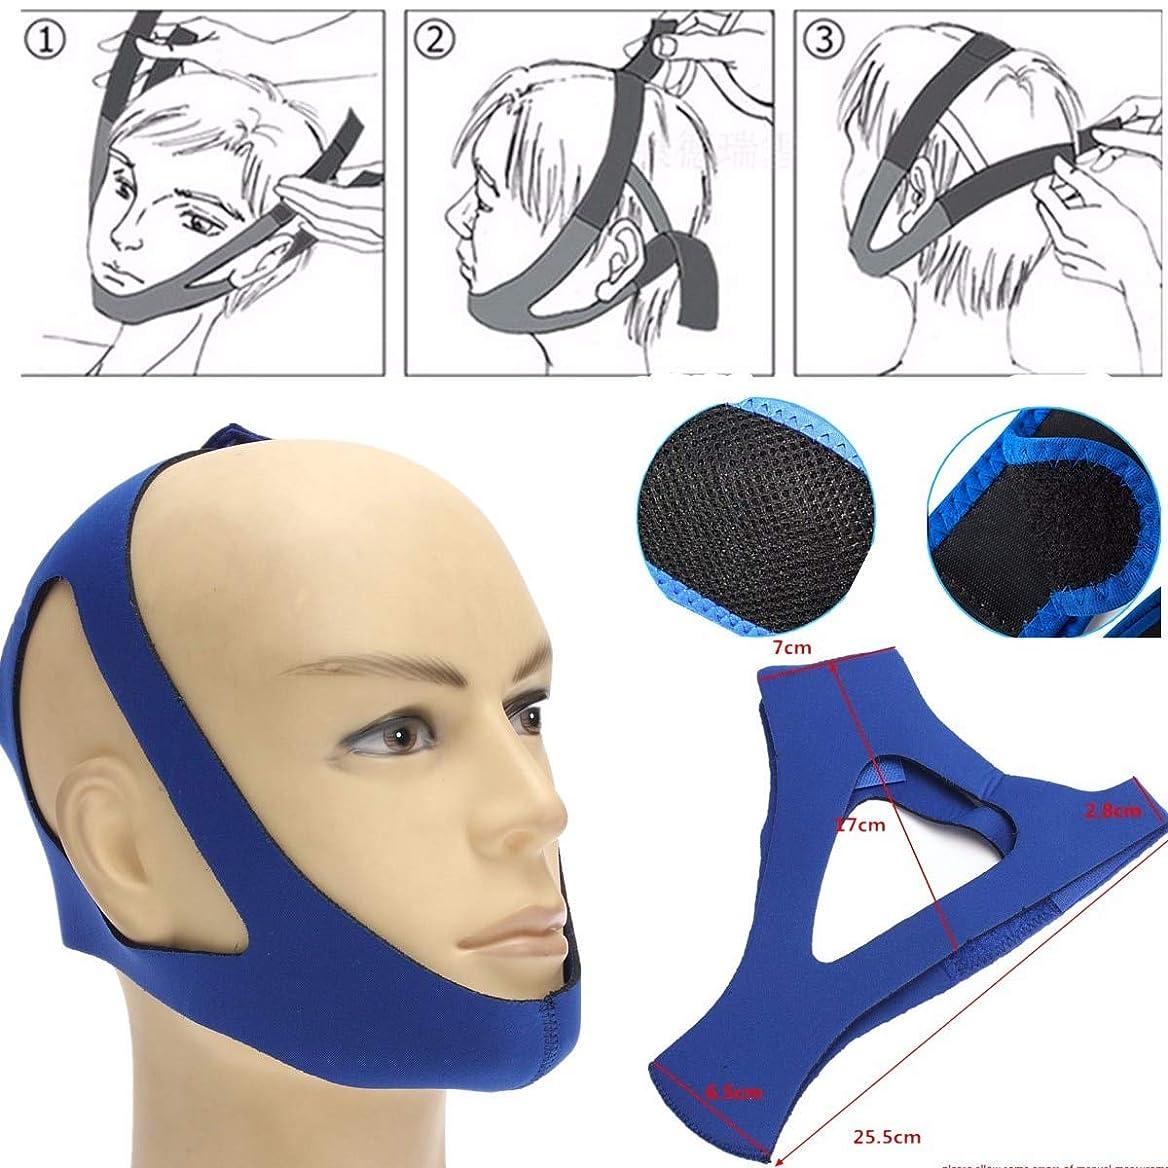 関与する不格好落ちたNOTE 抗いびきヘッドバンドいびきベルト停止いびき顎サポートストラップブレースデバイス睡眠マスクヘルスケア睡眠ツール用女性男